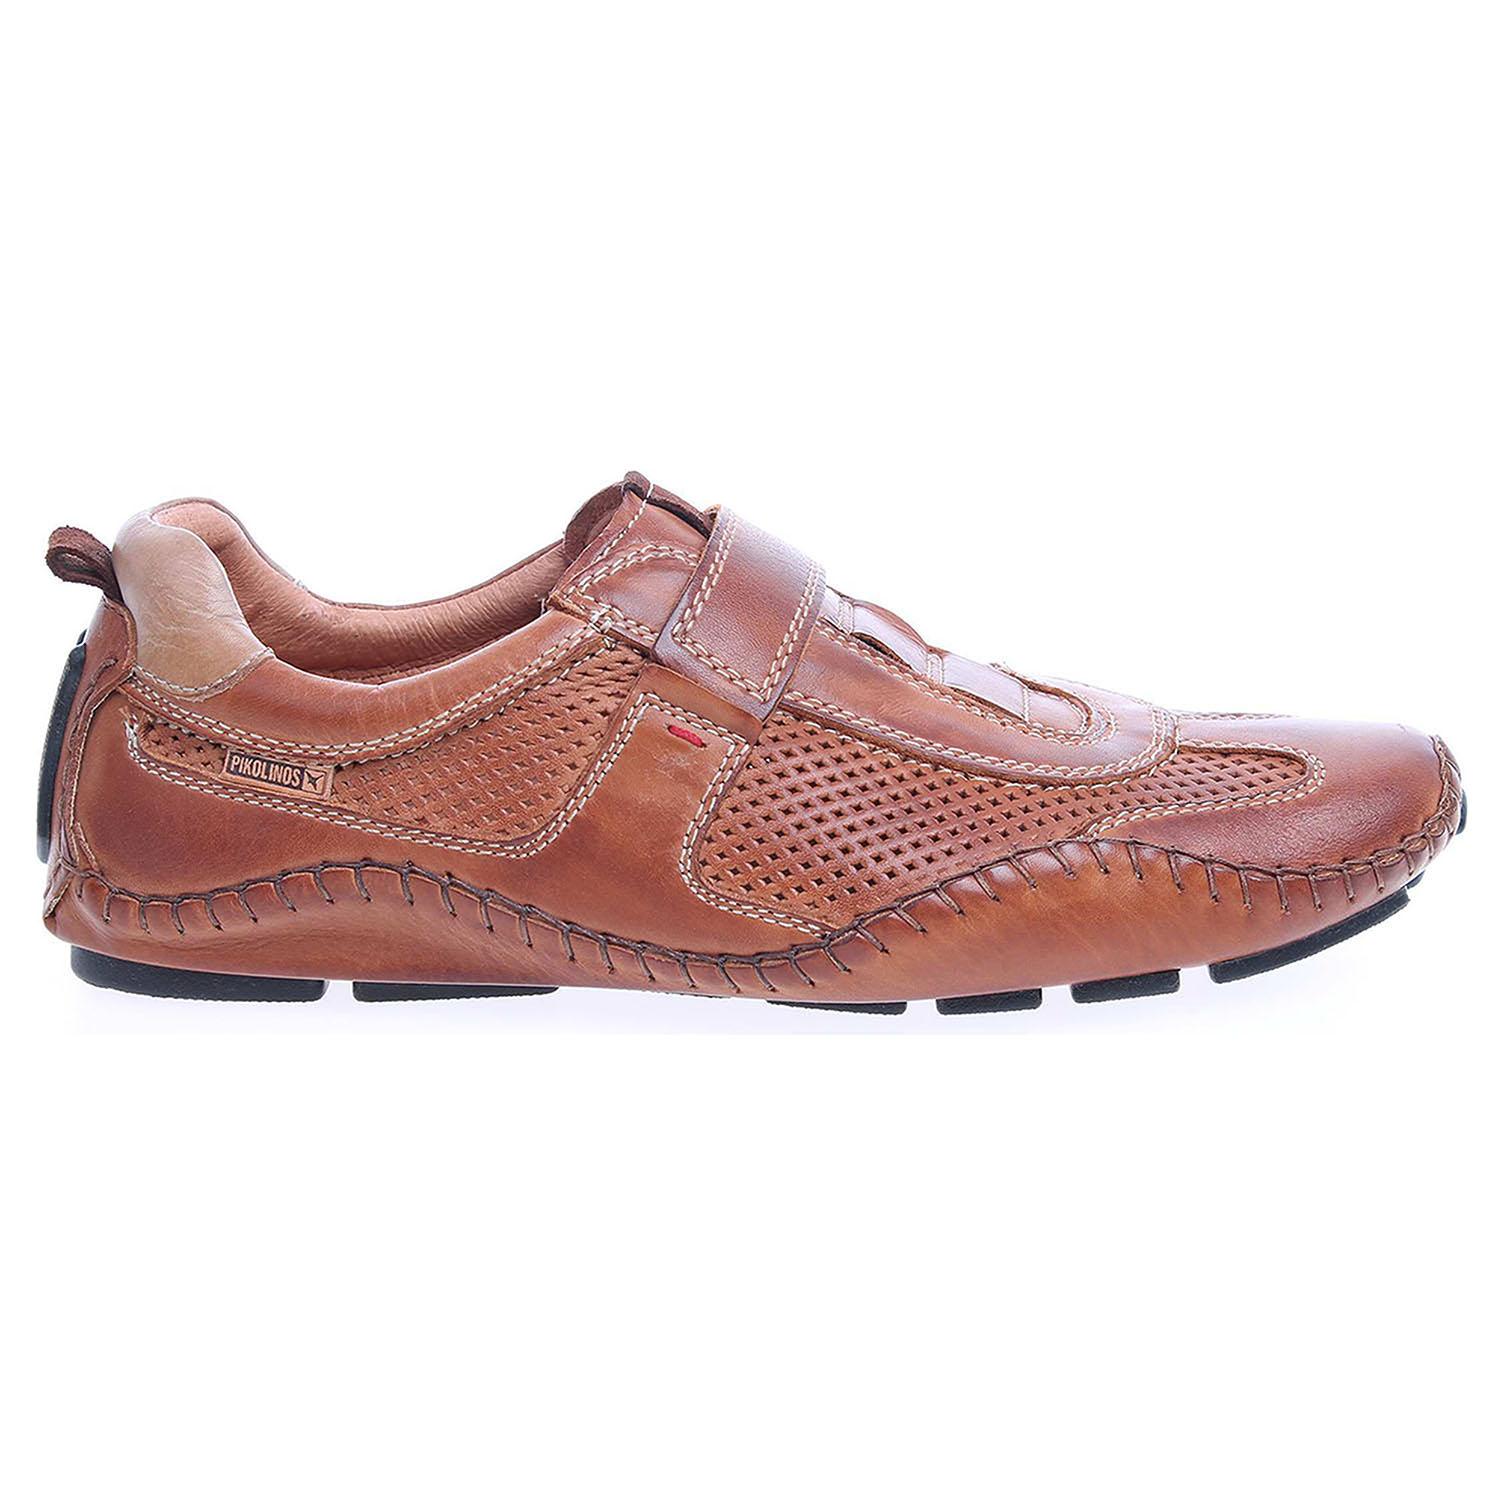 Ecco Pikolinos pánská obuv 15A-6207 hnědá 24000292